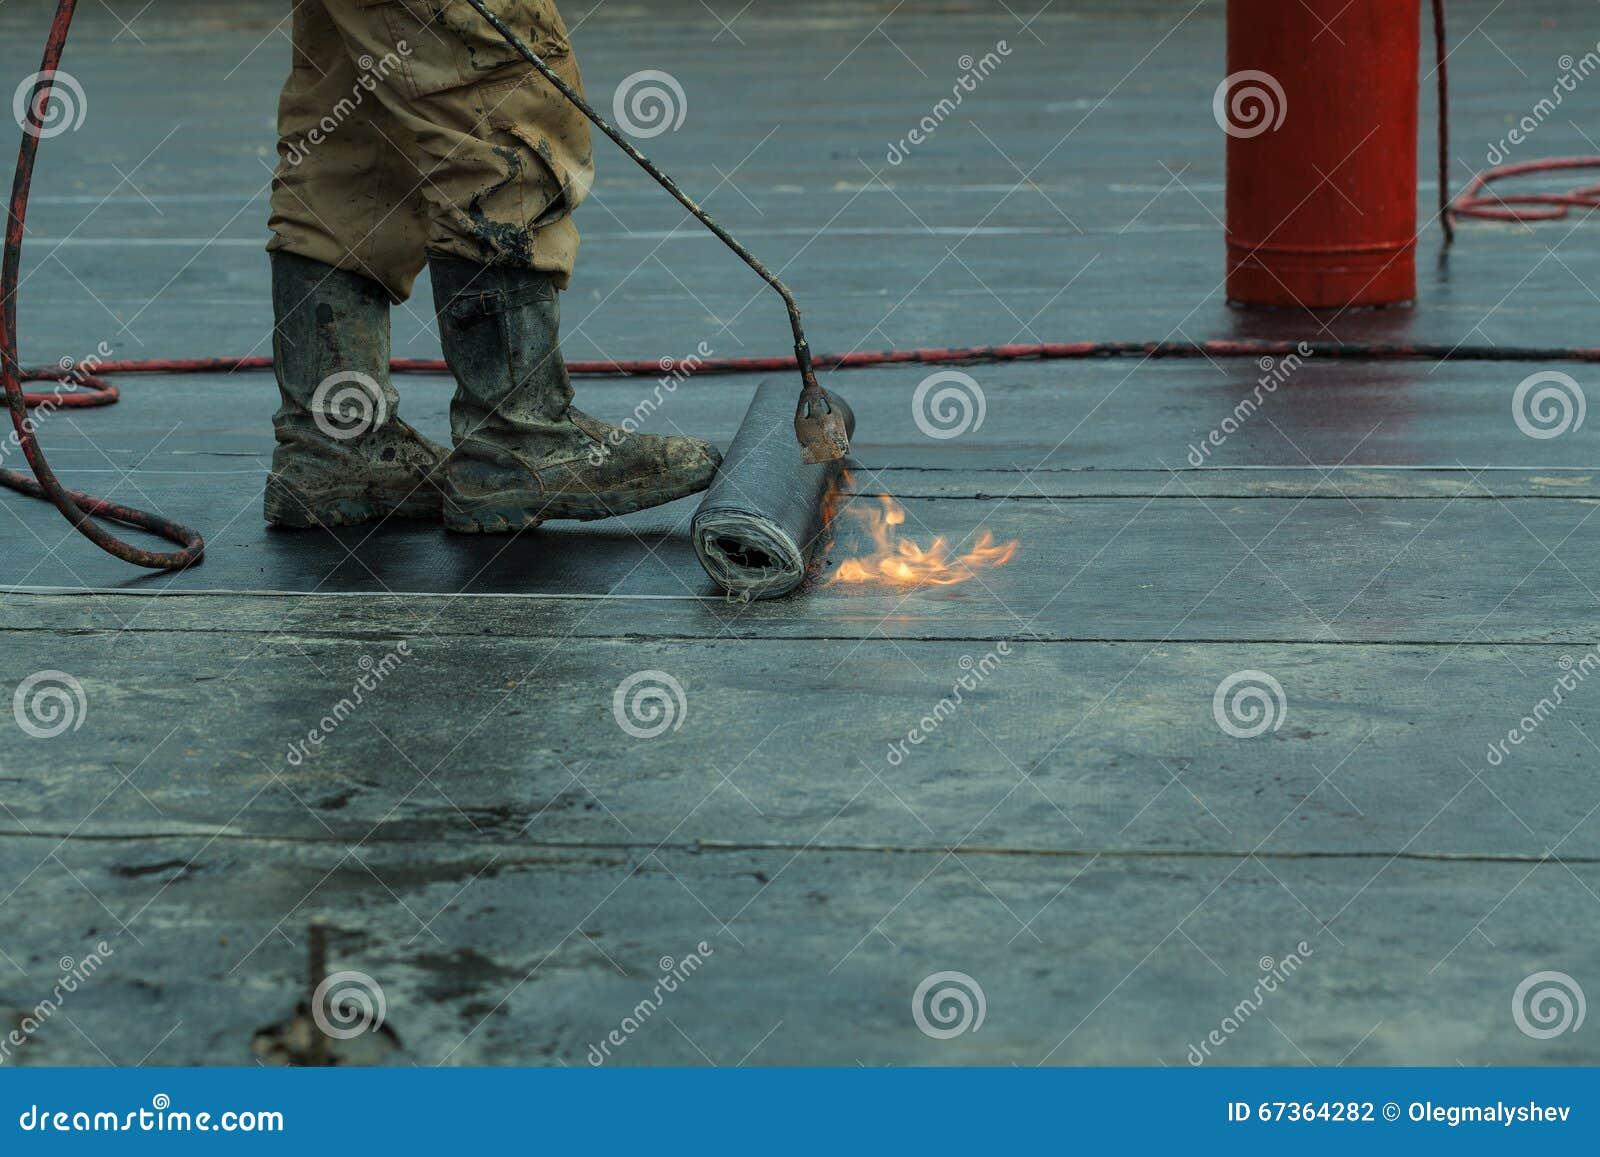 Installation waterproofing propane blowtorch dur